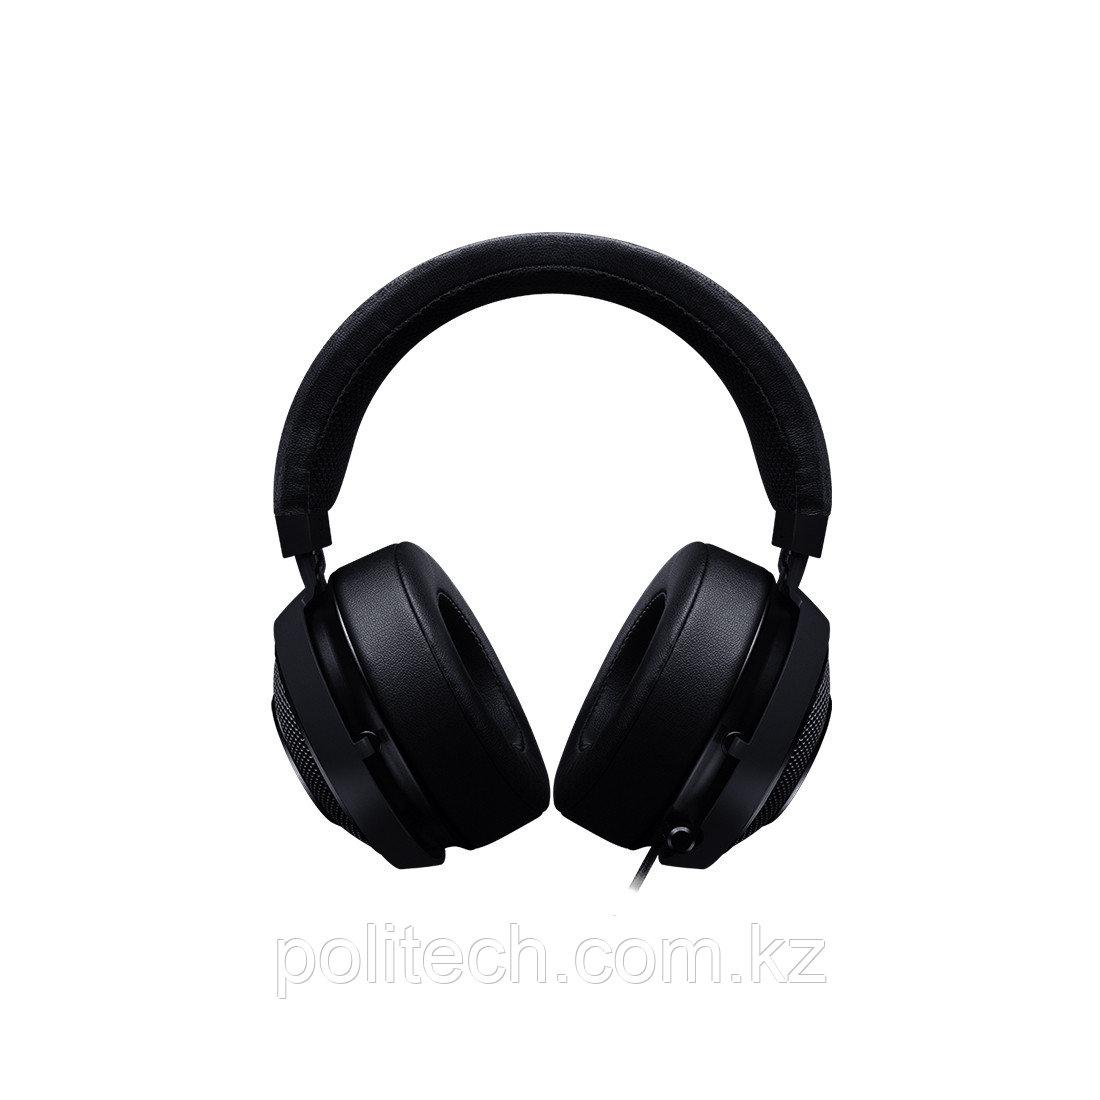 Гарнитура Razer Kraken Pro V2, Black (3,5мм)